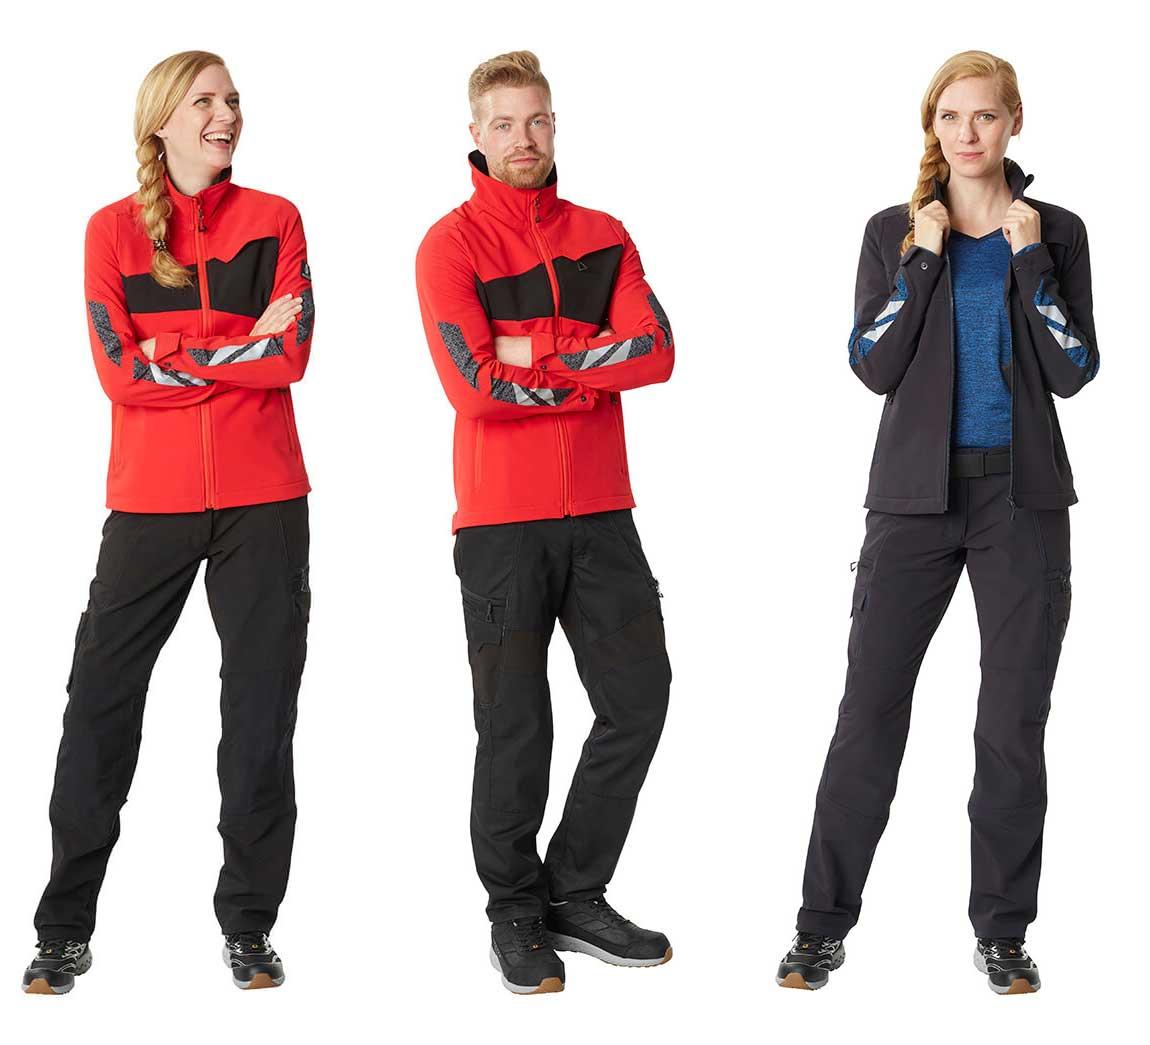 Arbeitskleidung von MASCOT - jetzt auch in Südafrika